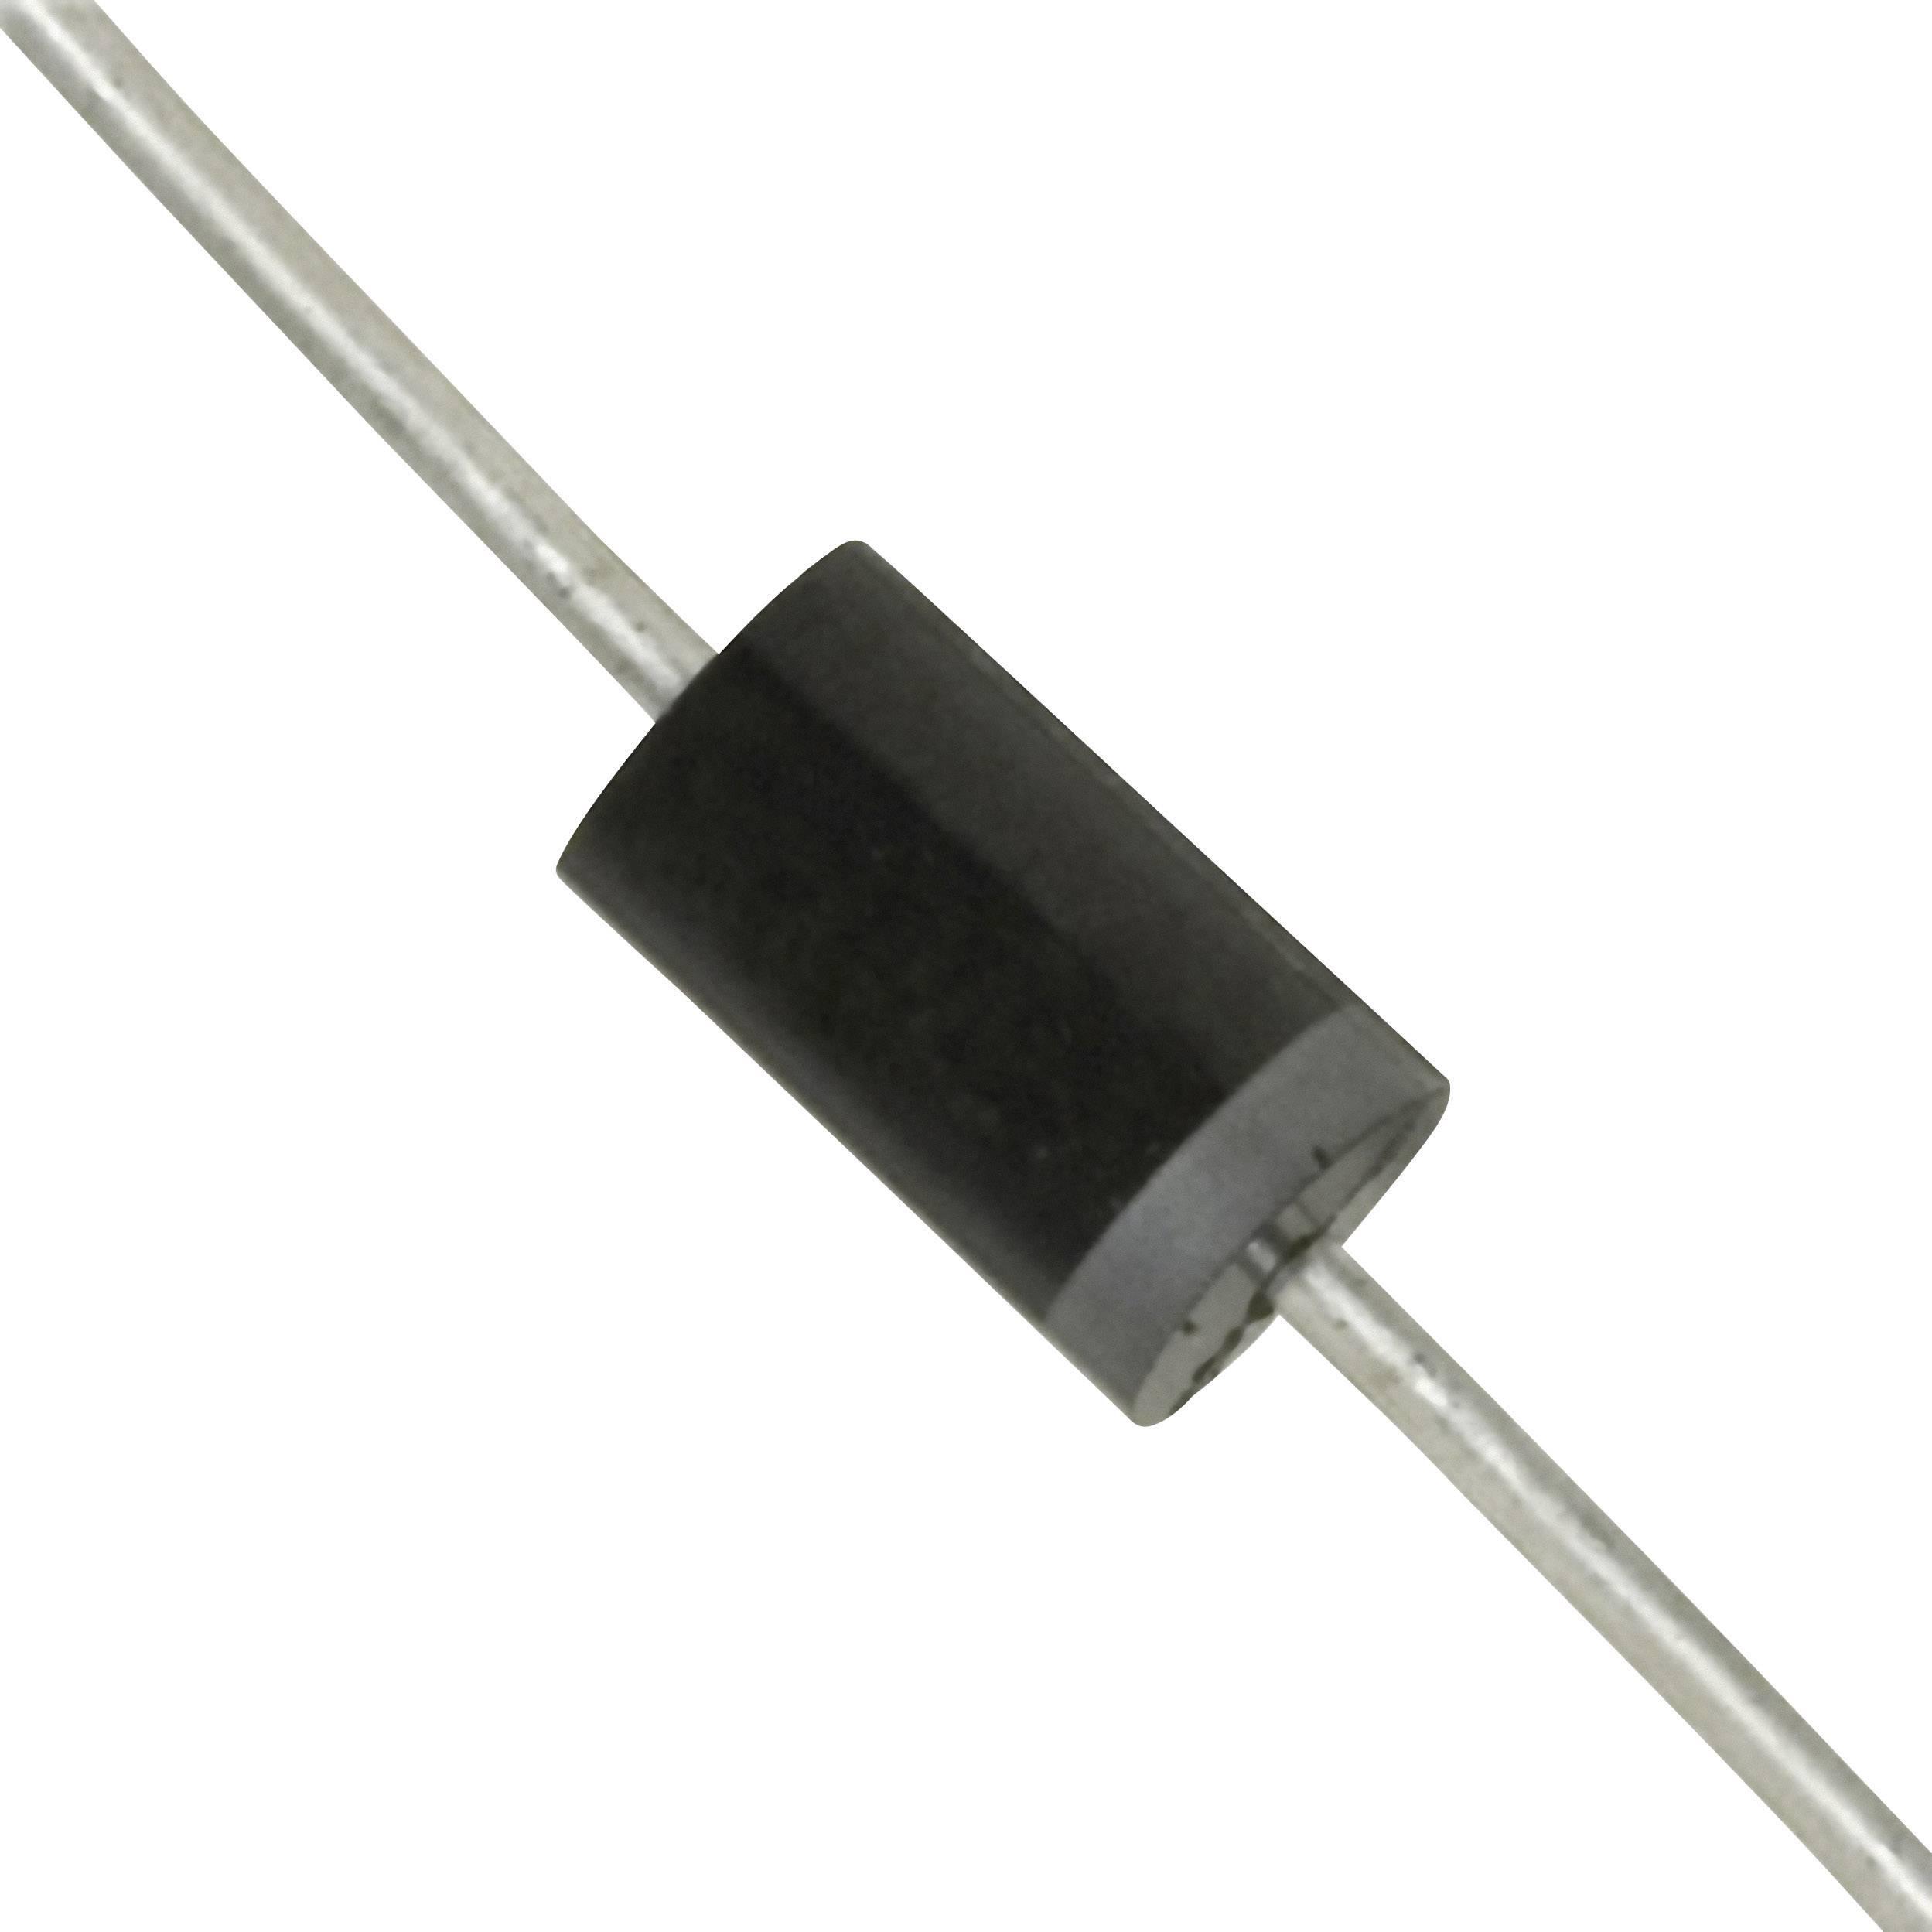 Dióda Z Diotec ZPD30, DO-35, zener. napätie 30 V